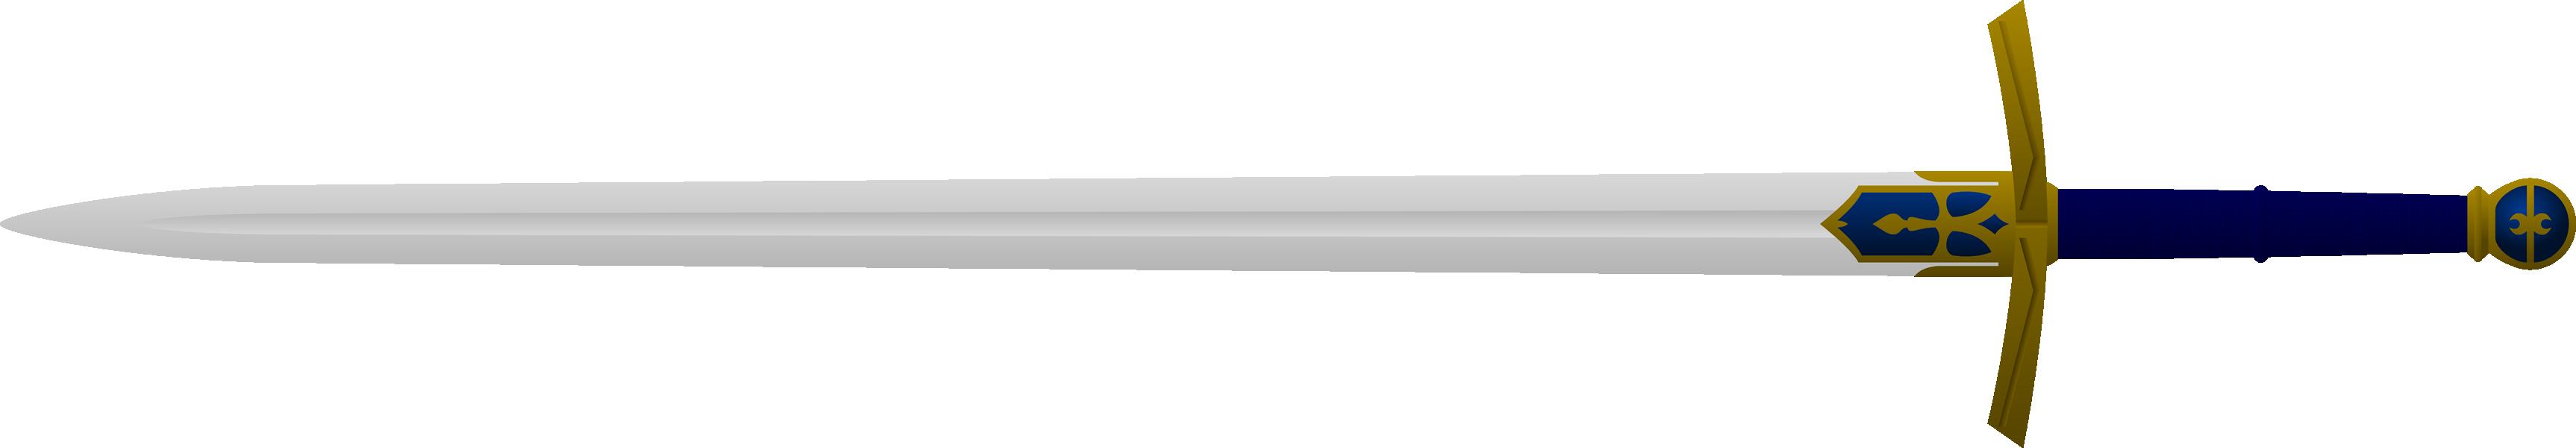 PNG Sword - 57713